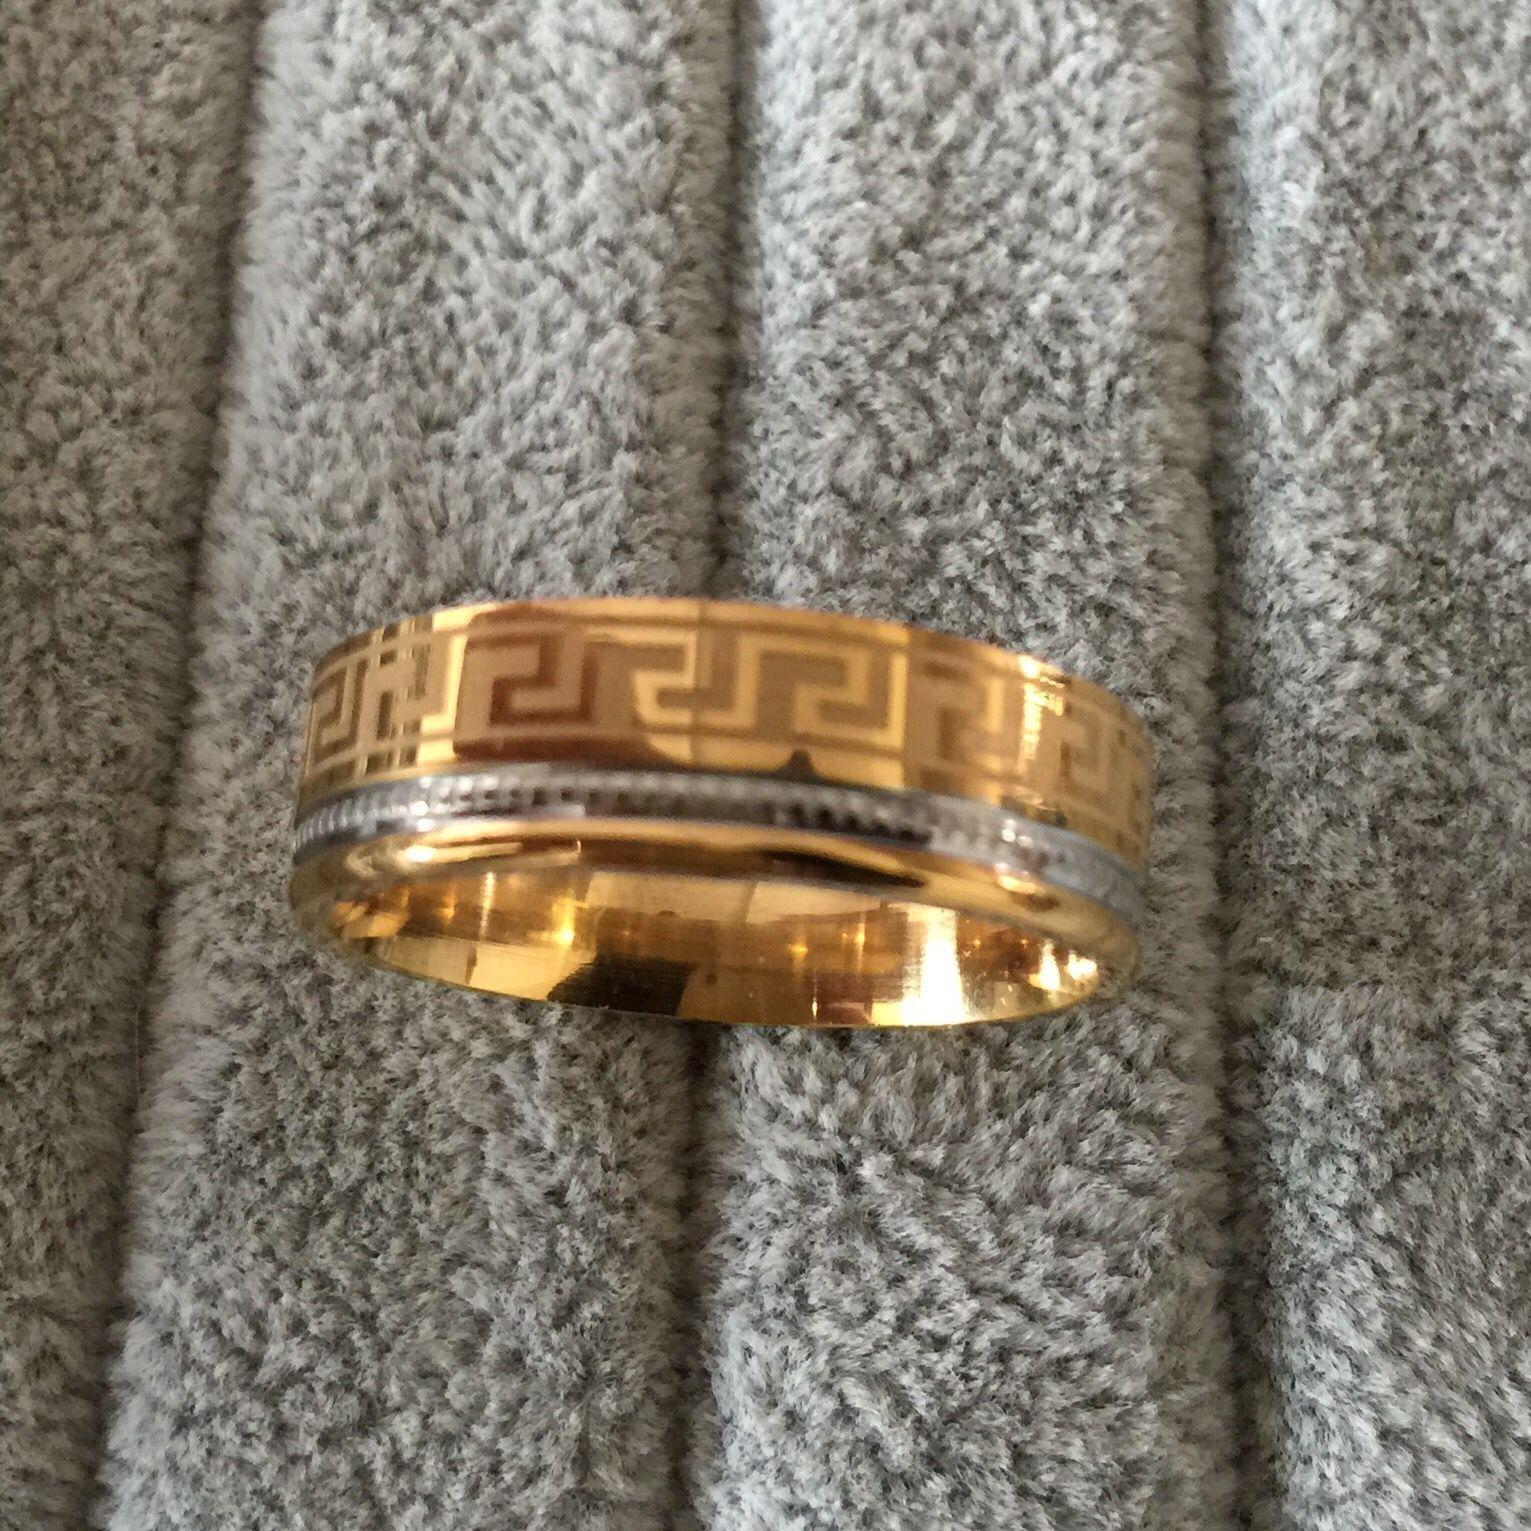 Anello di lusso grande 8mm 316 titanio acciaio inossidabile placcato in oro giallo 18 carati chiave greca anello di nozze uomo donna argento oro 2 toni